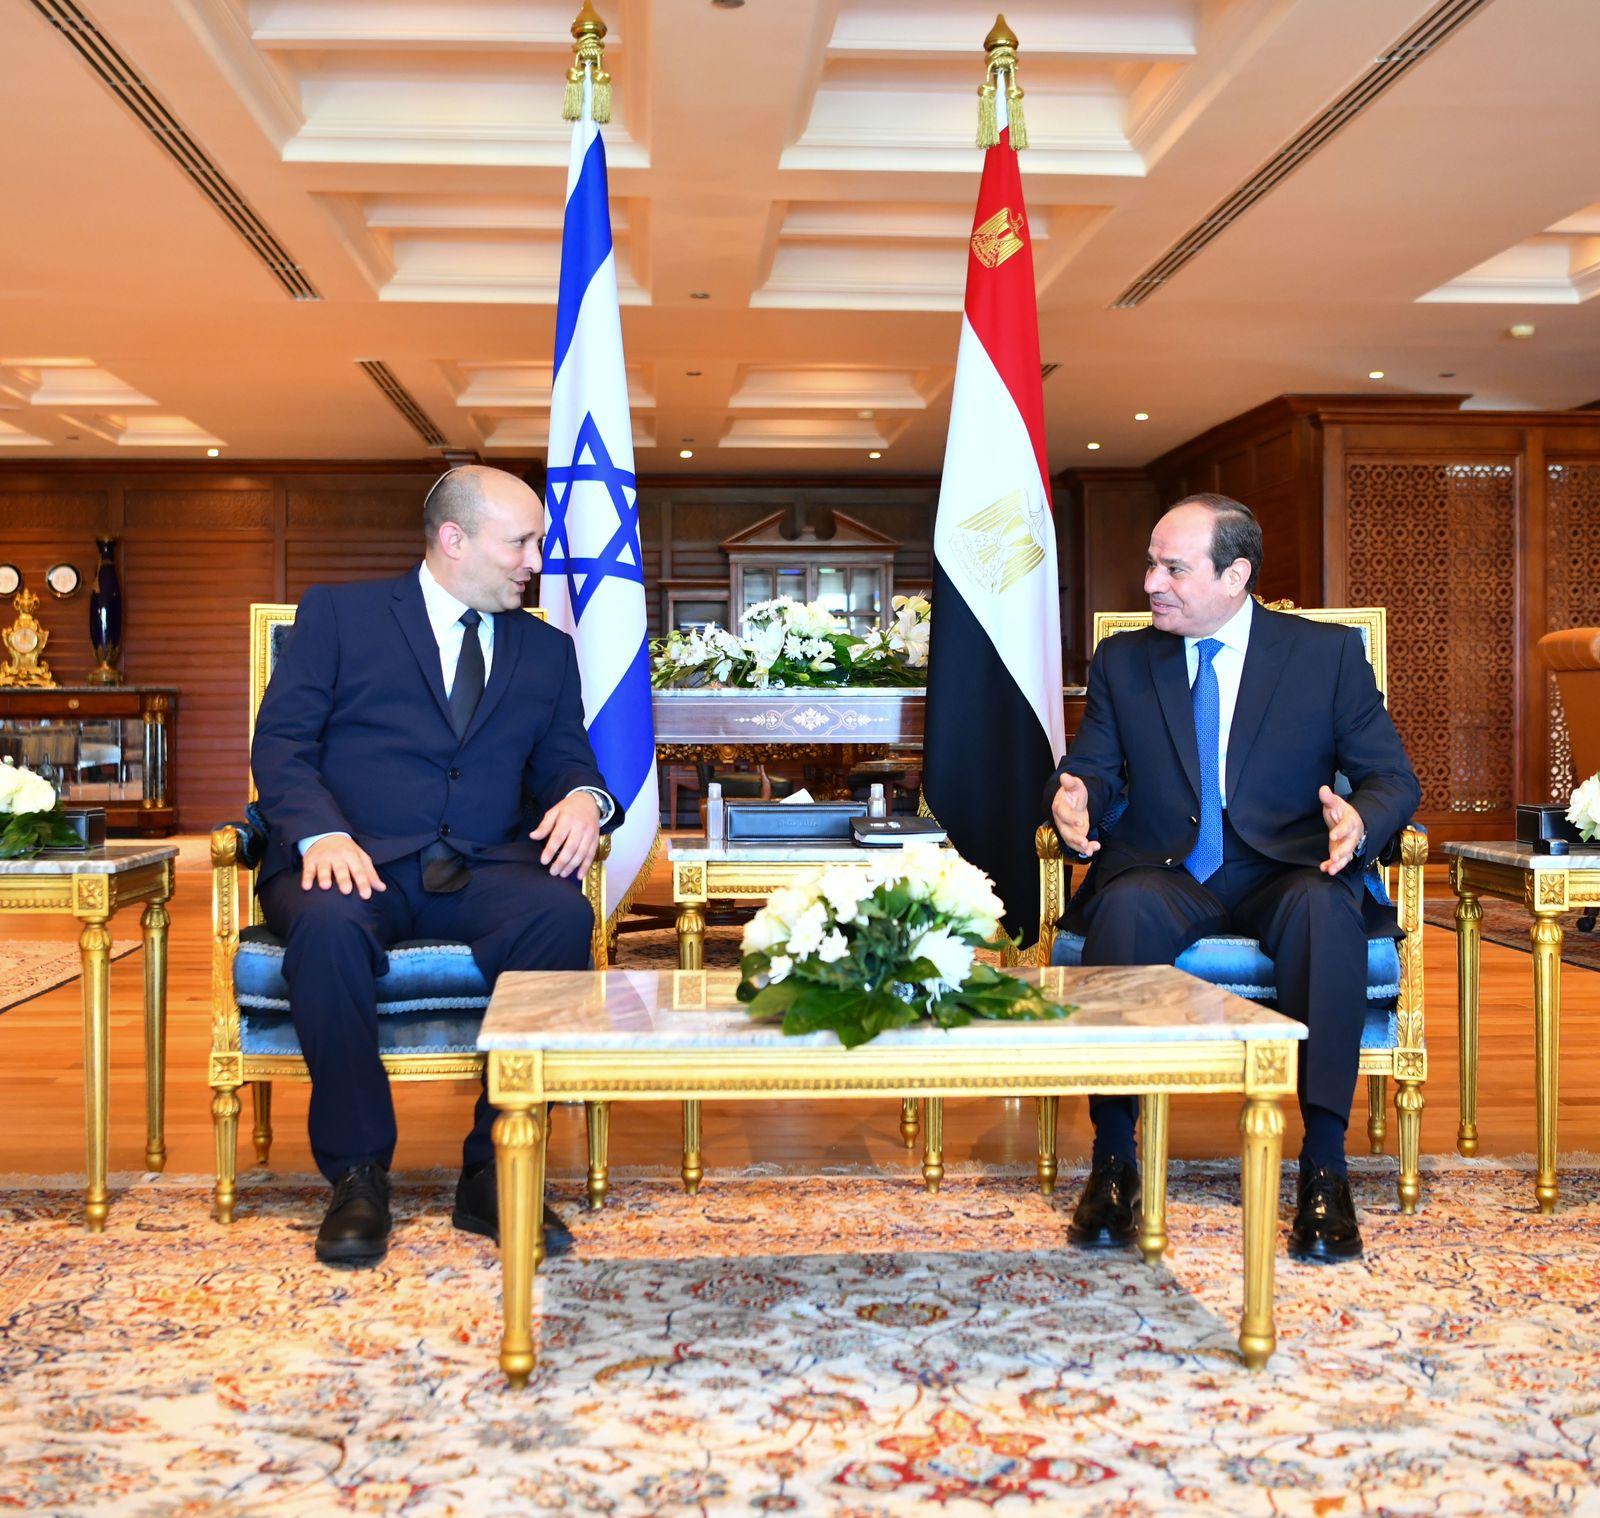 جانب من إجتماع الرئيس السيسى مع رئيس الوزراء الإسرائيلي نفتالى بينيت